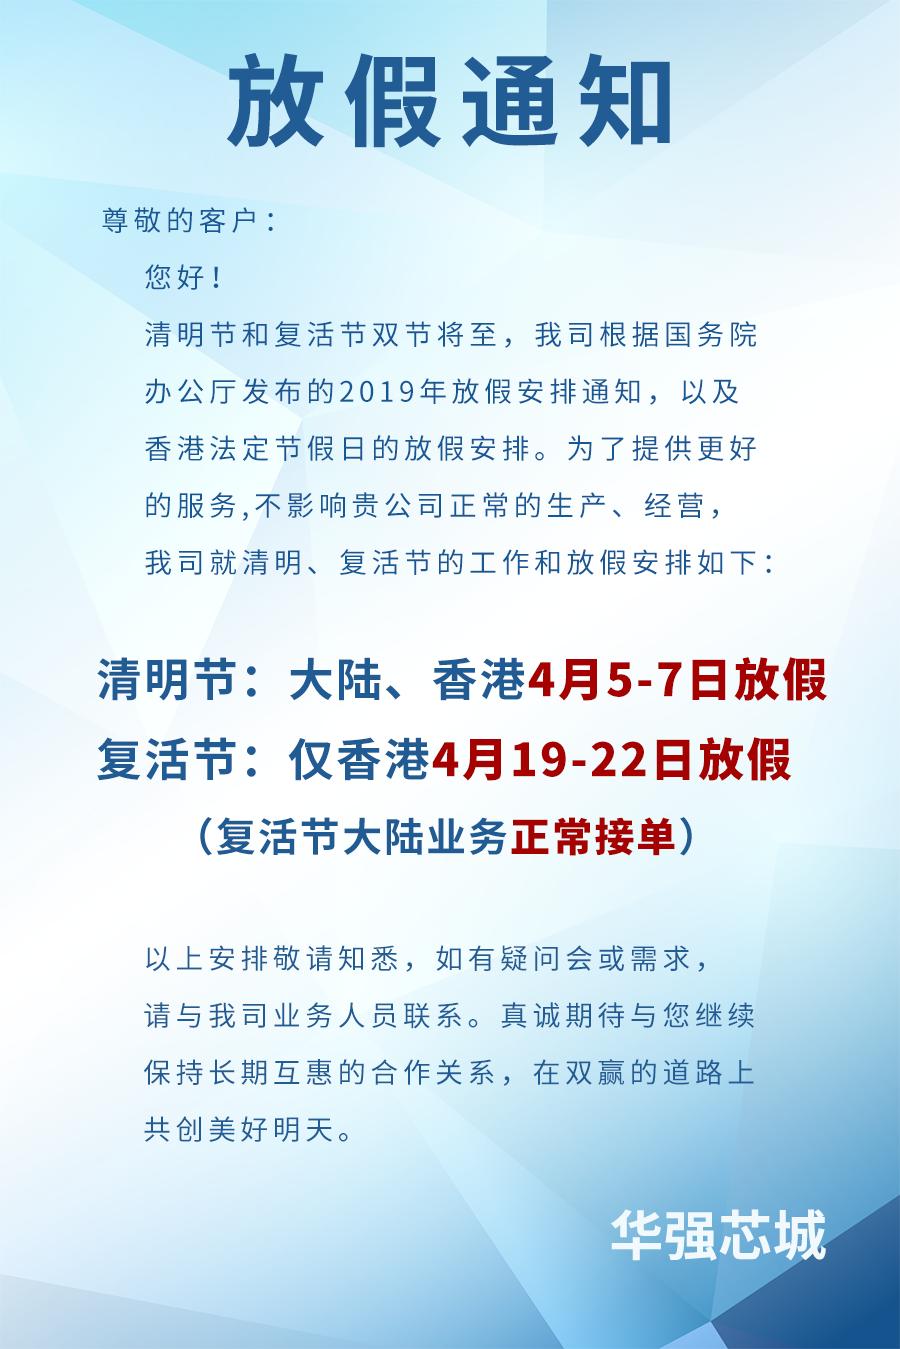 芯城清明节放假公告.png